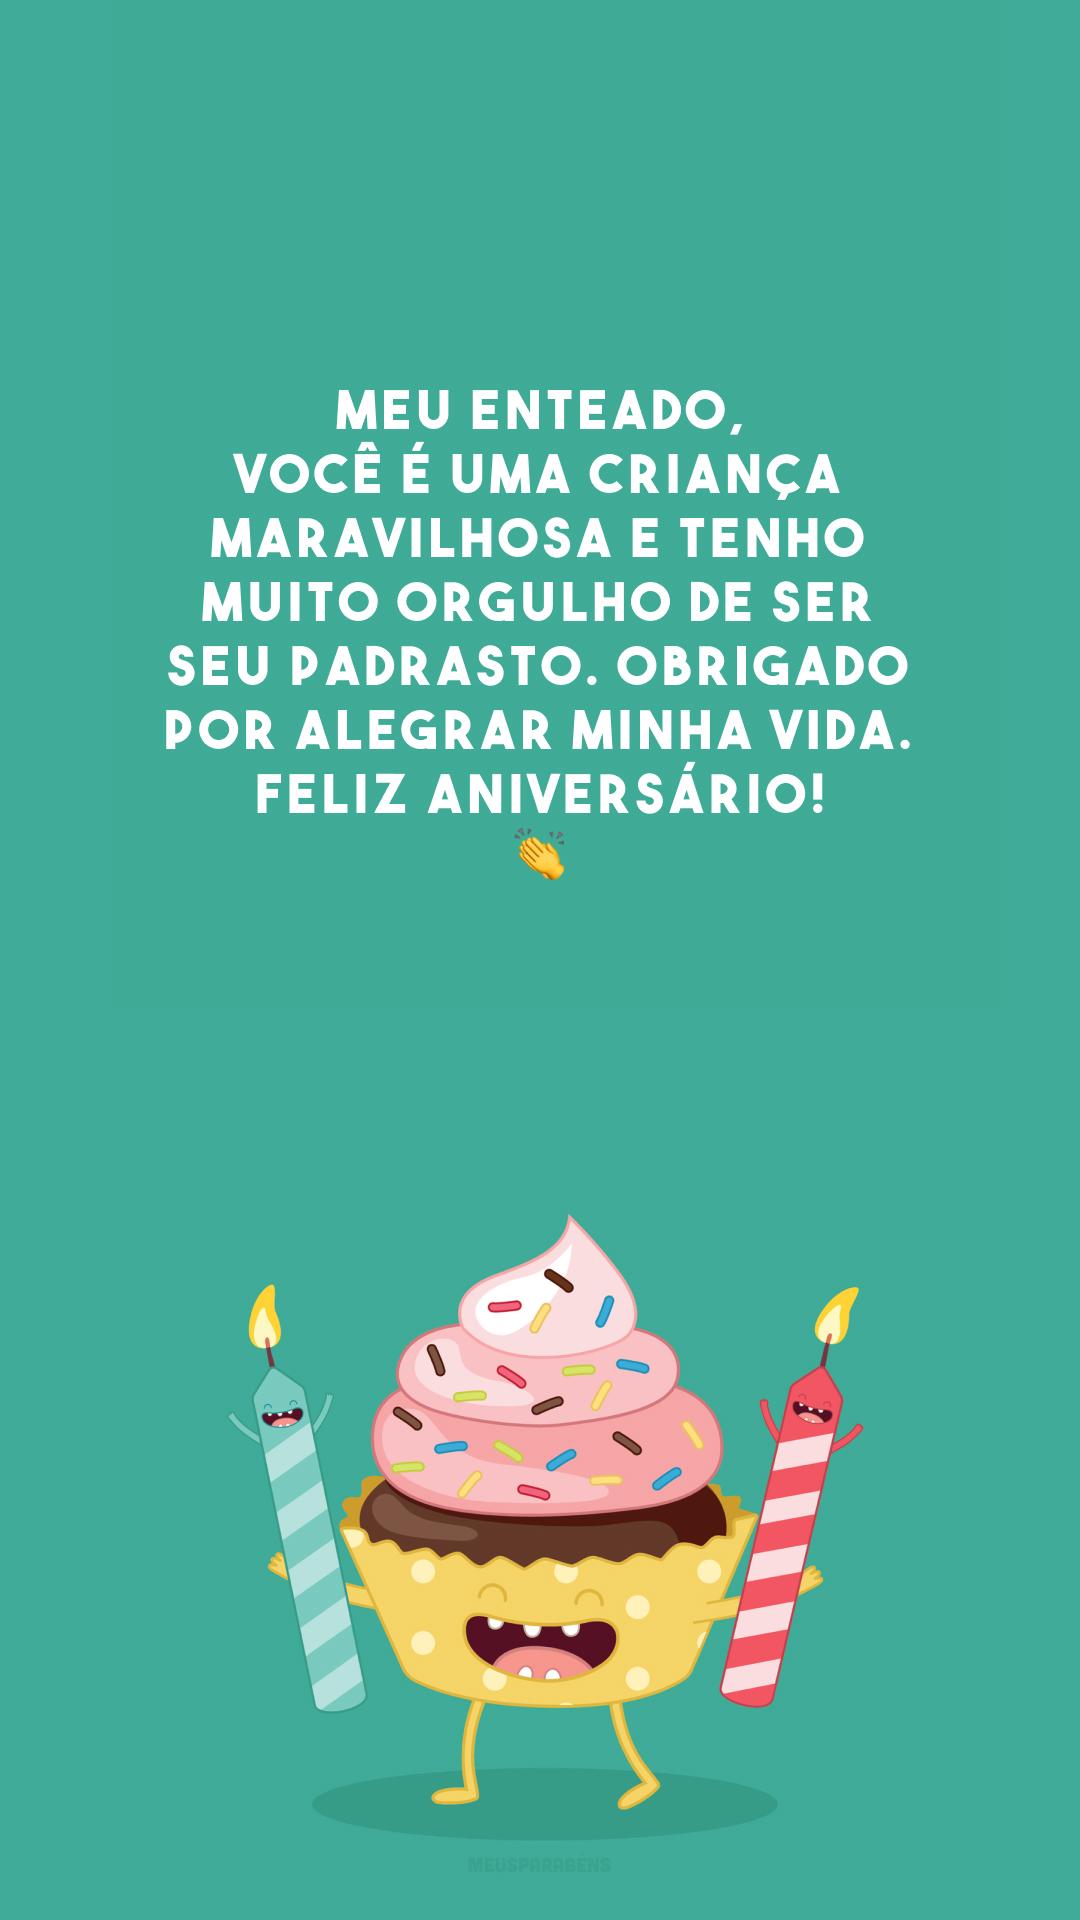 Meu enteado, você é uma criança maravilhosa e tenho muito orgulho de ser seu padrasto. Obrigado por alegrar minha vida. Feliz aniversário! 👏